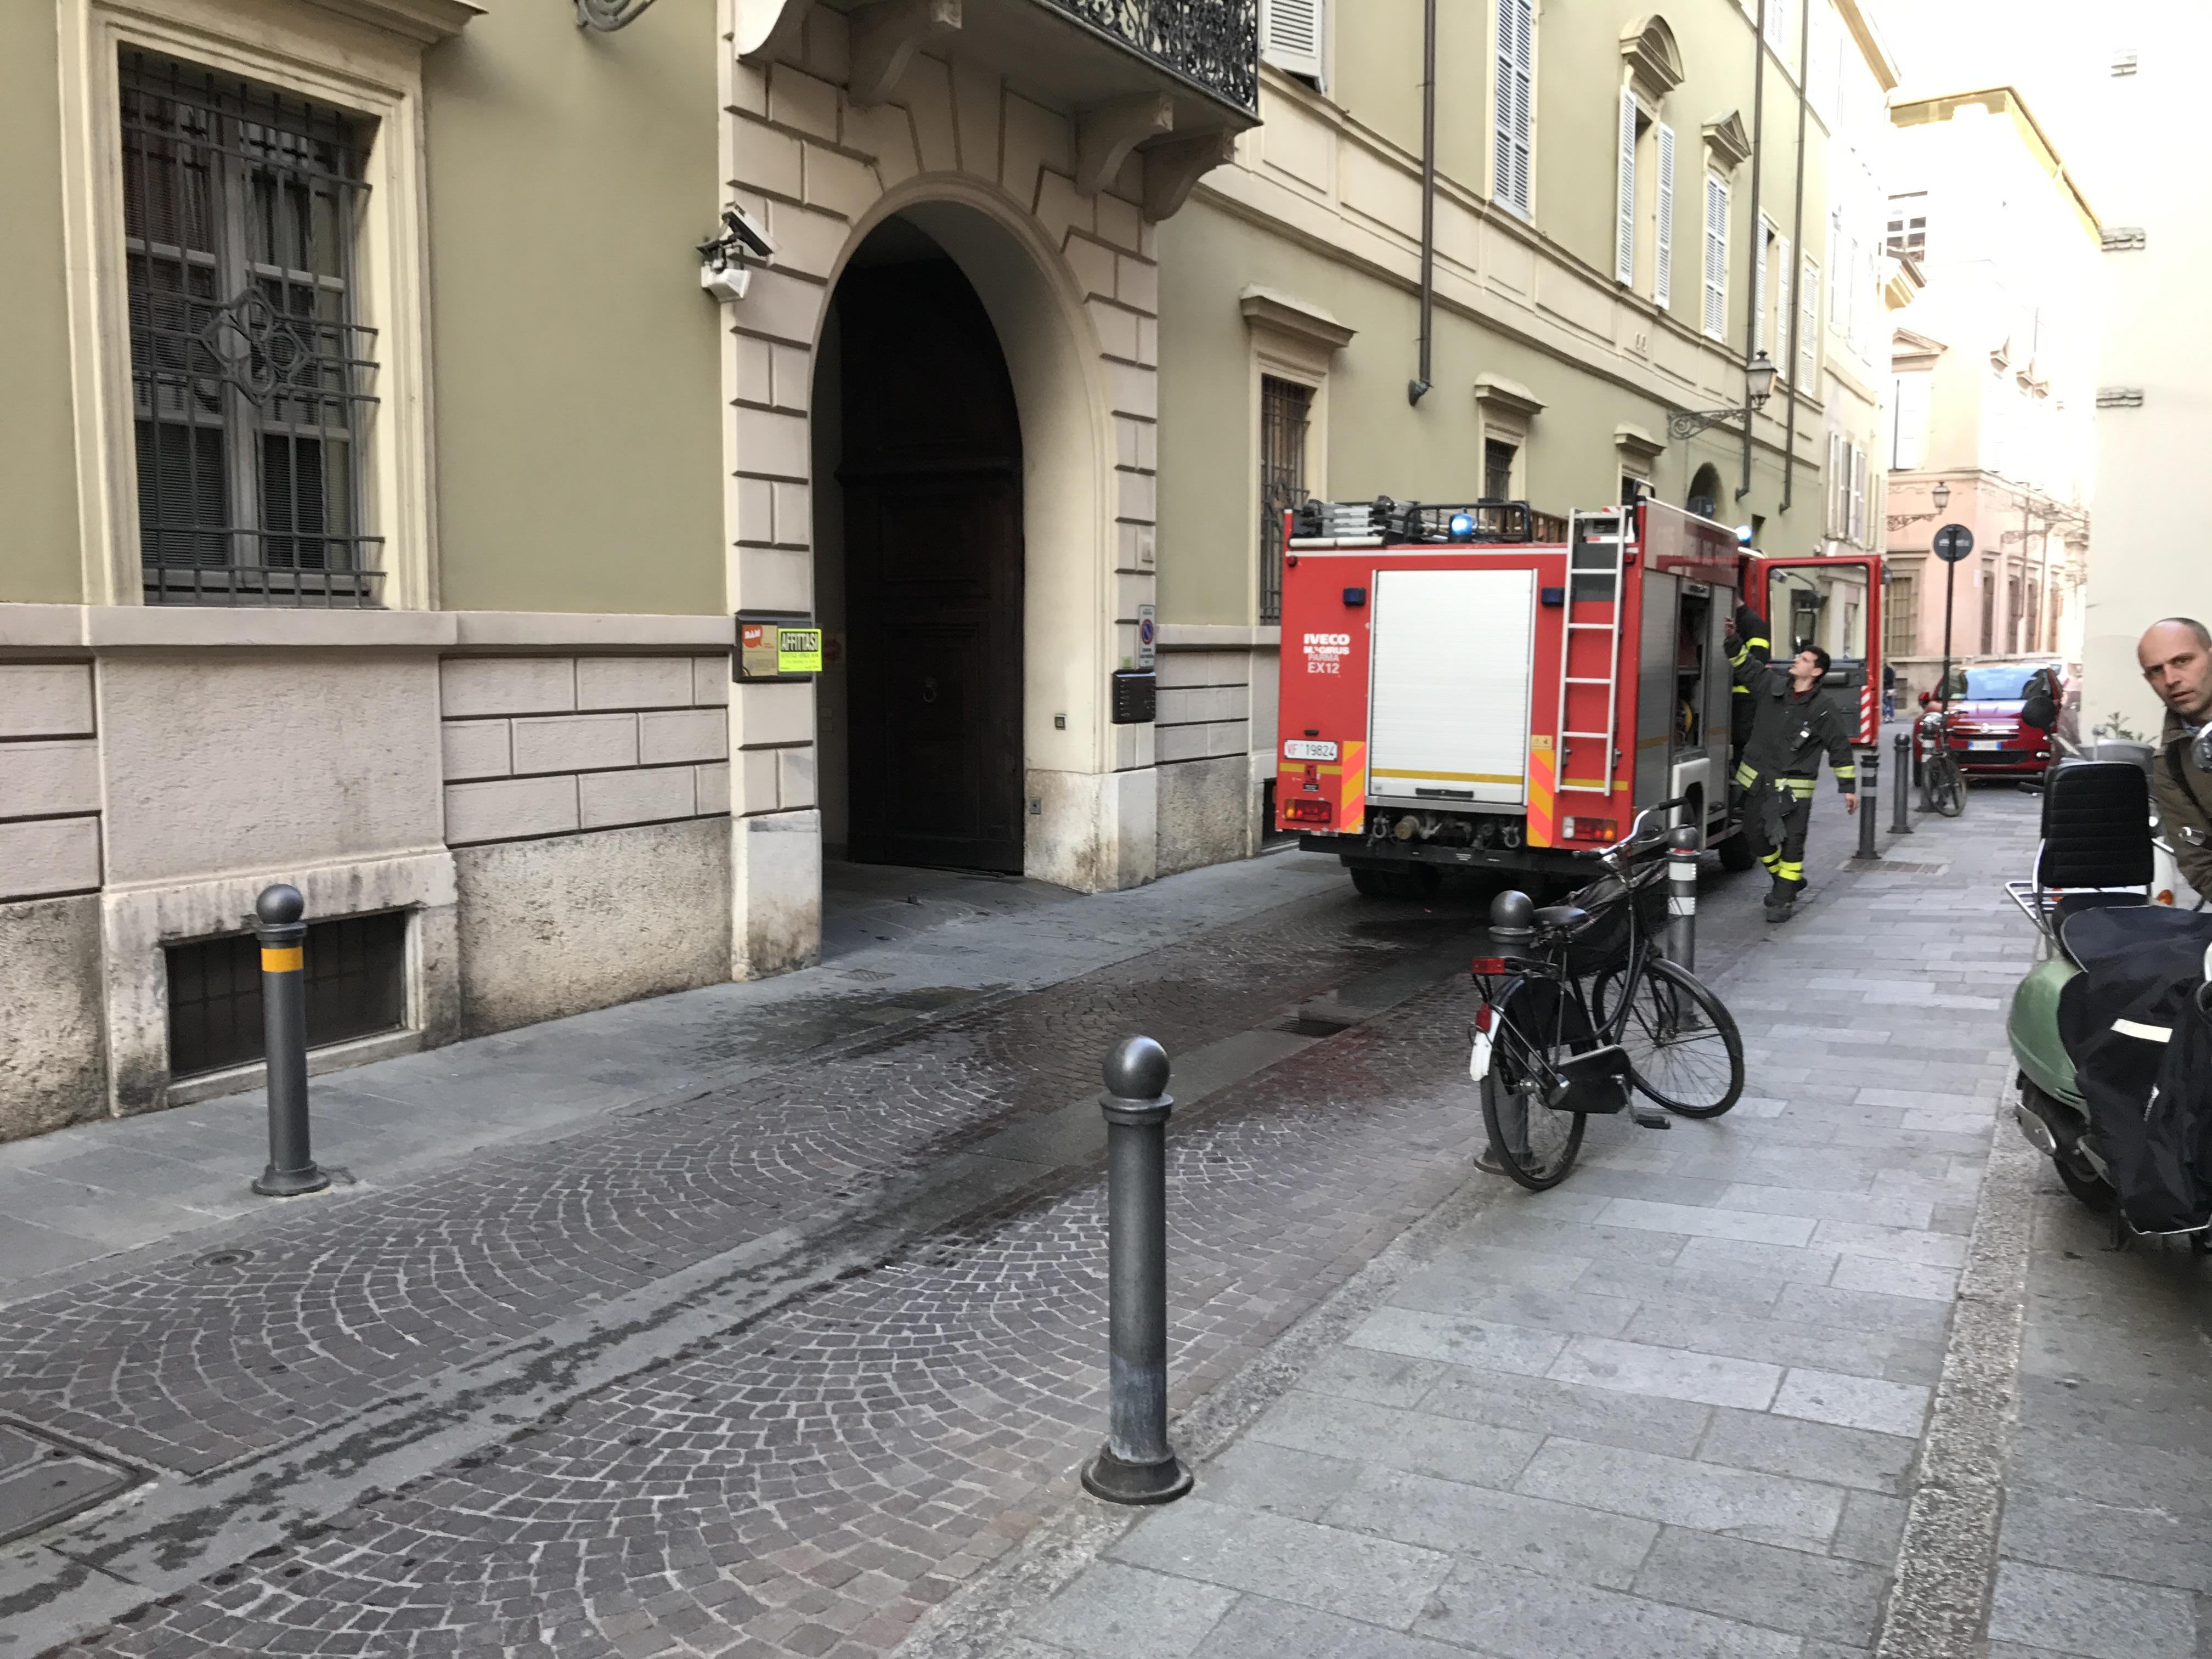 Cronaca di Roma. Incendio in un appartamento in via Costantino